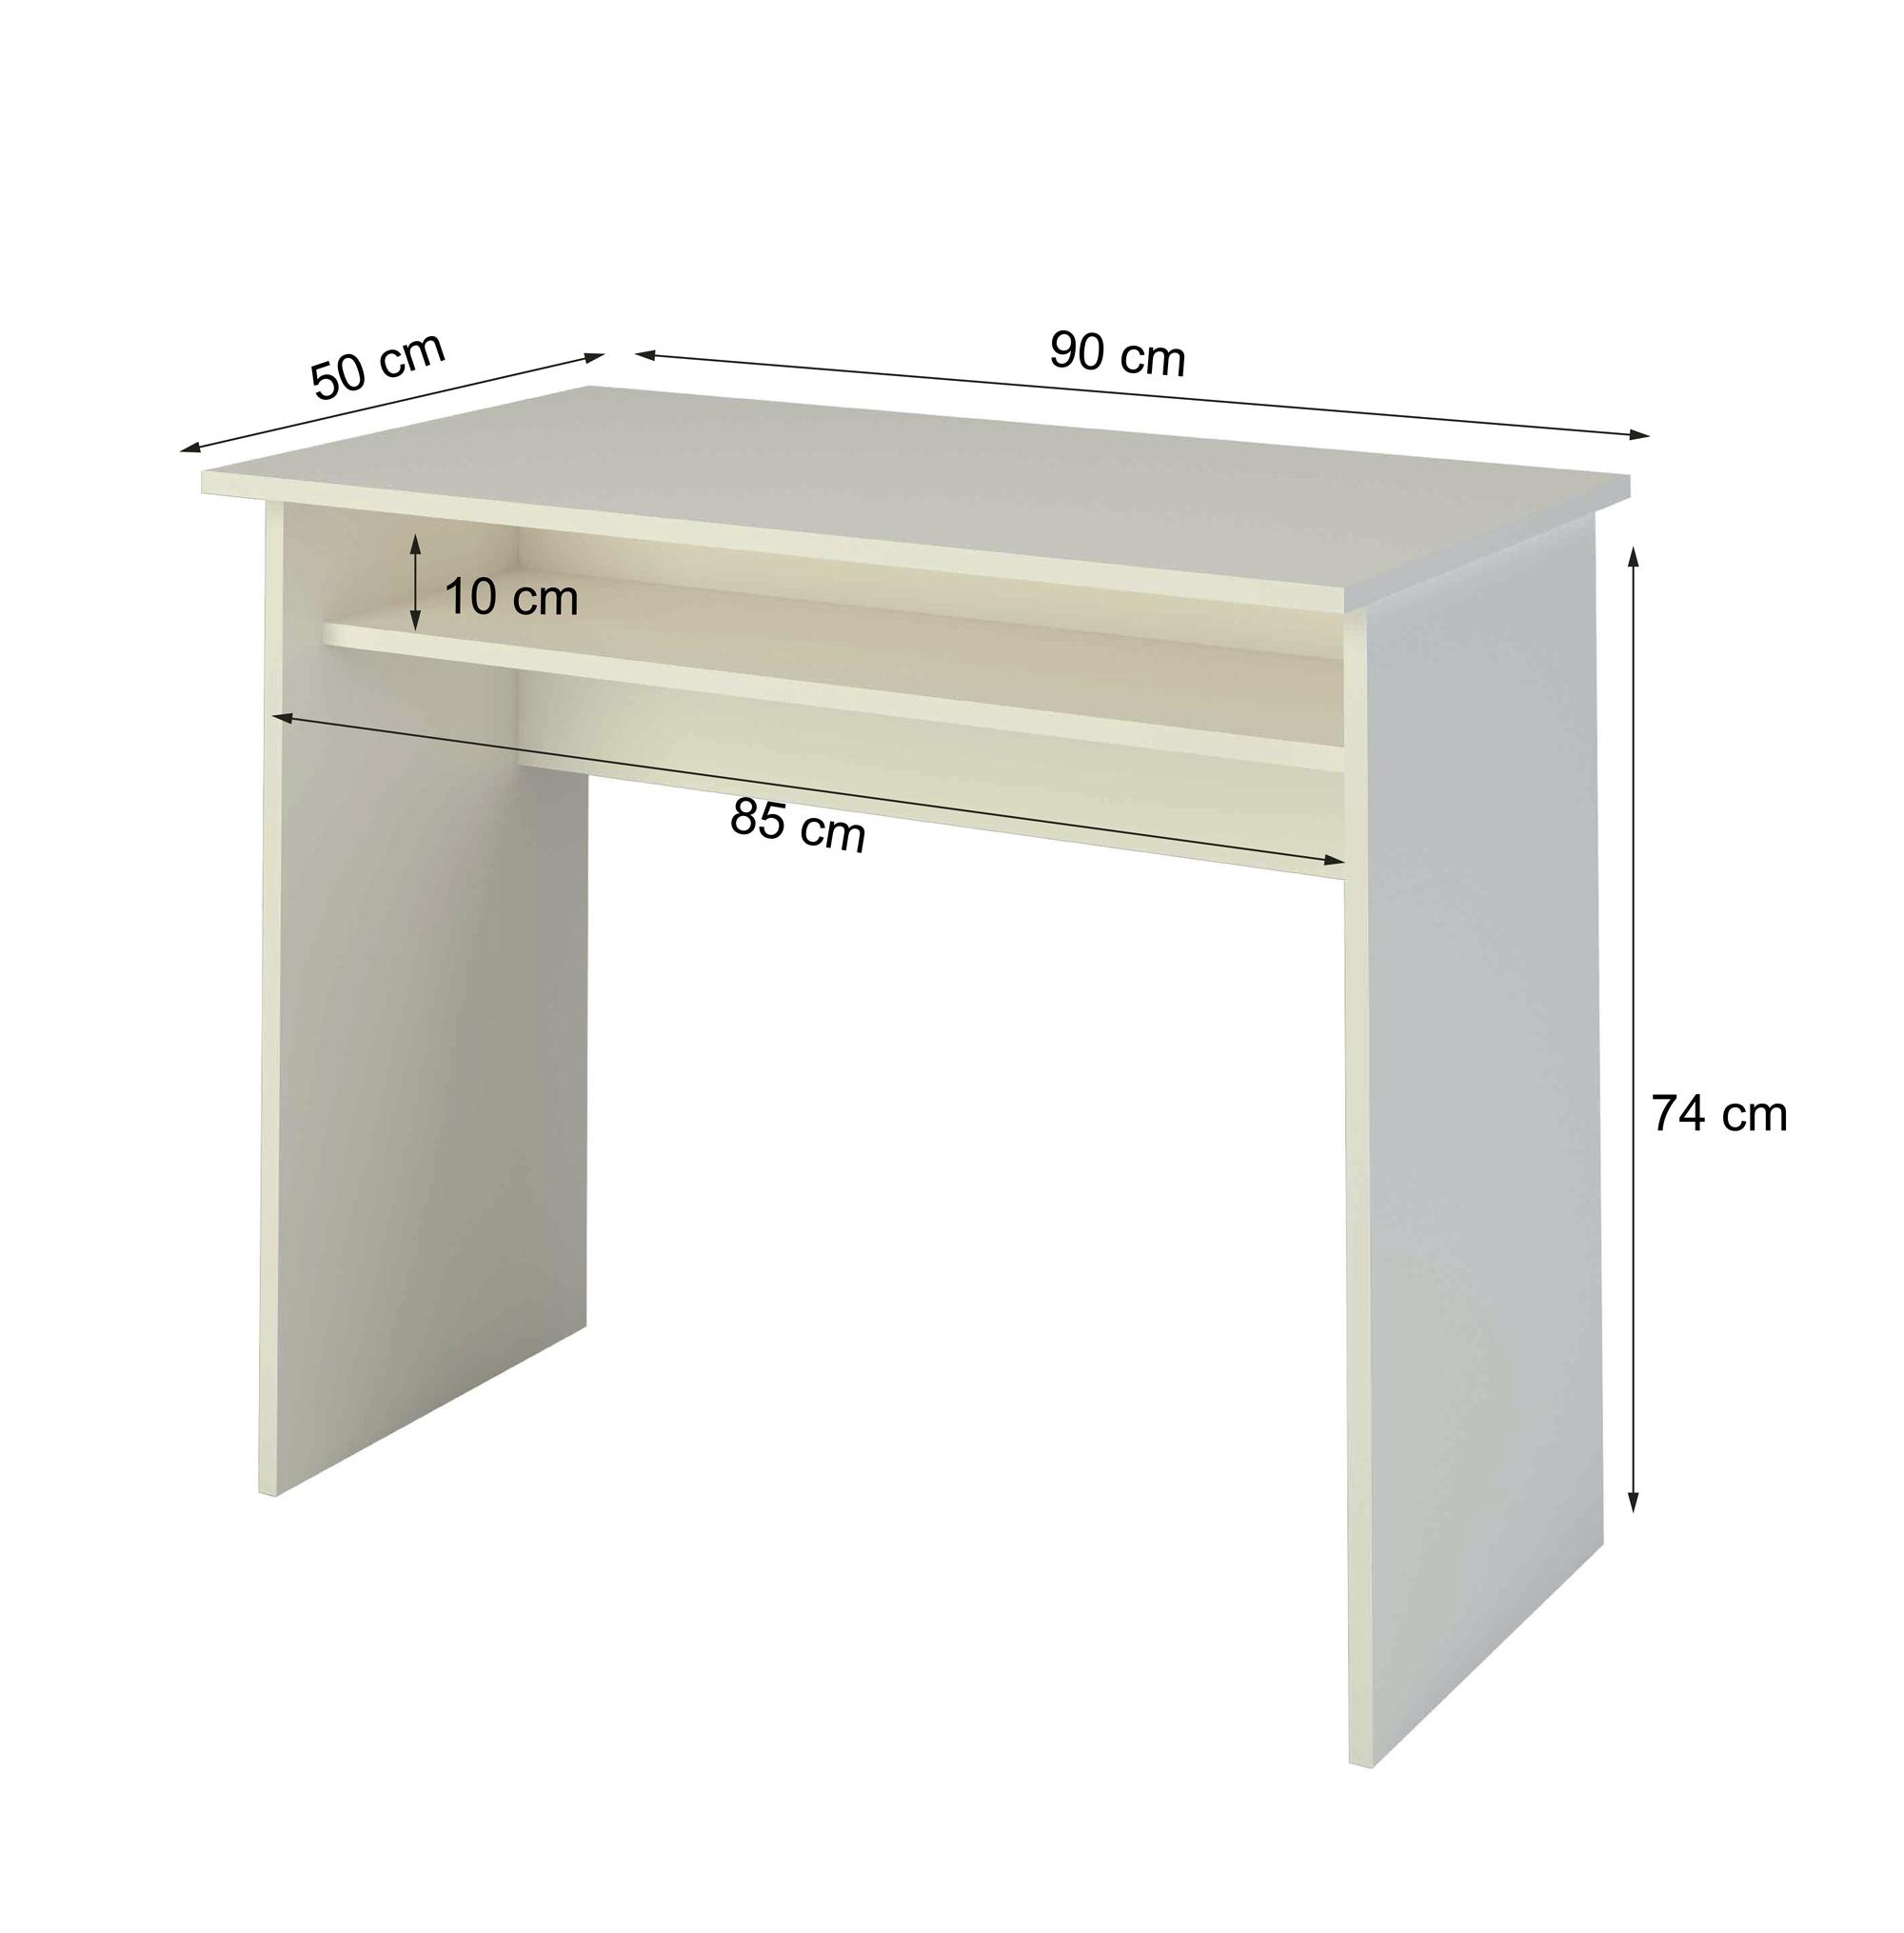 Samblo escritorio de melamina de 90 cm de ancho con balda for Medidas mesa escritorio